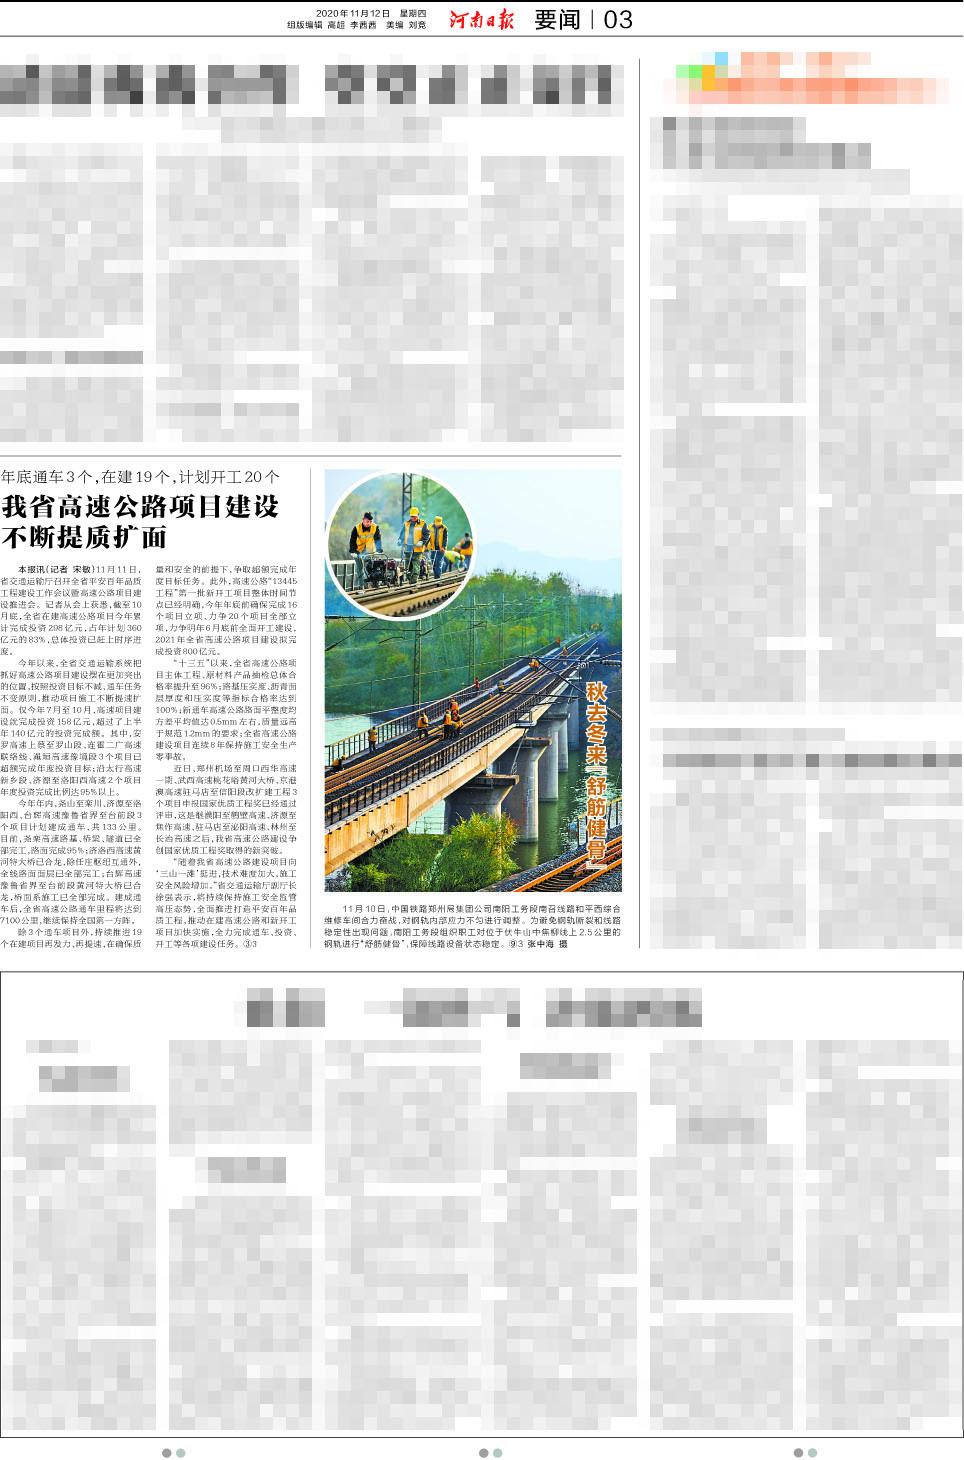 [河南日报]我省高速公路项目建设不断提质扩面